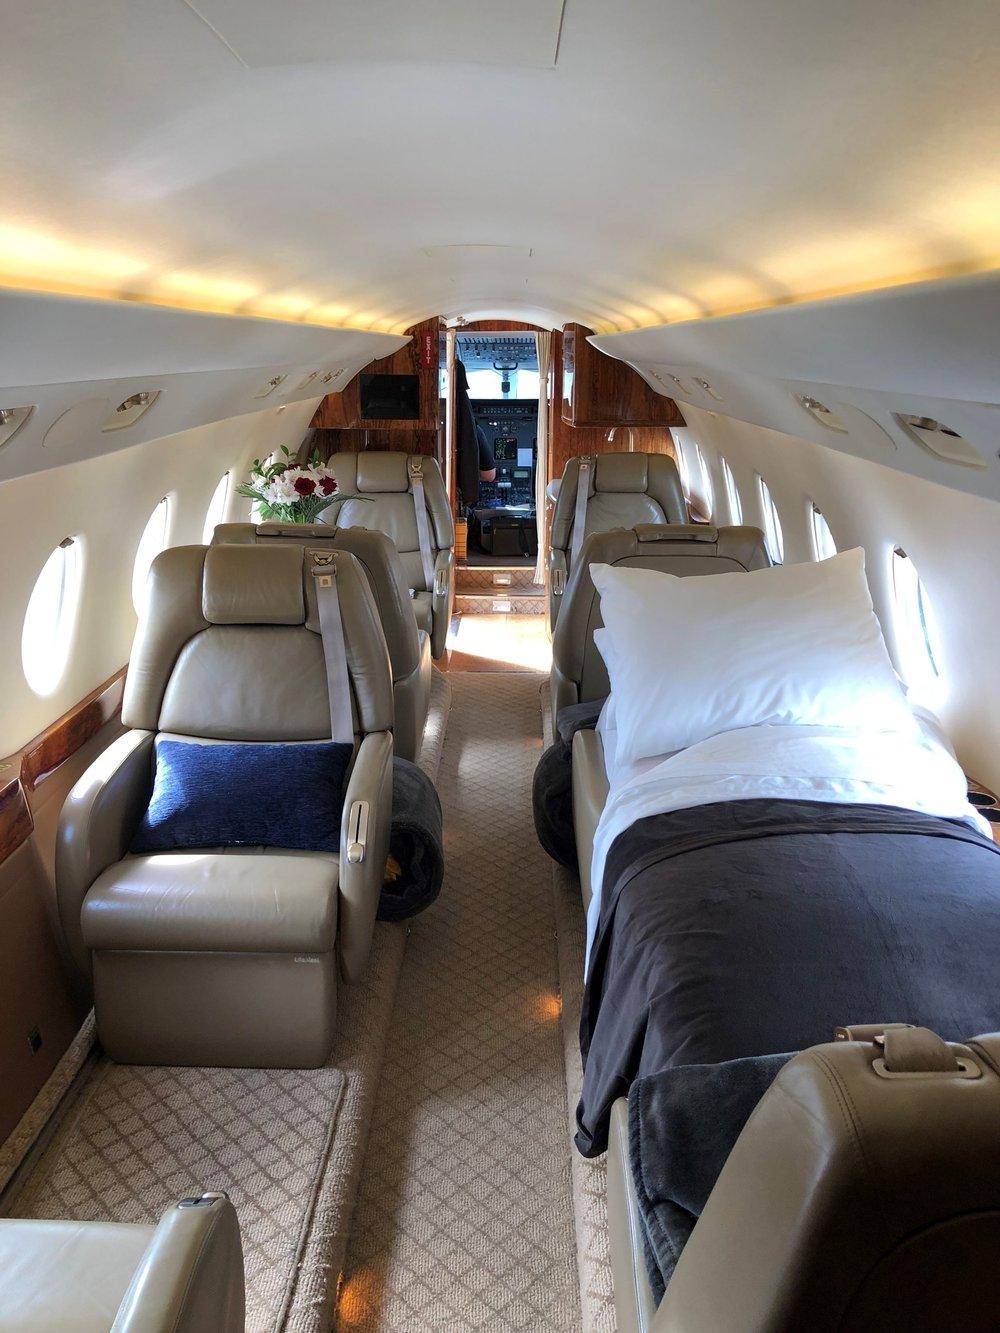 Air 7 G200 Interior2.jpg